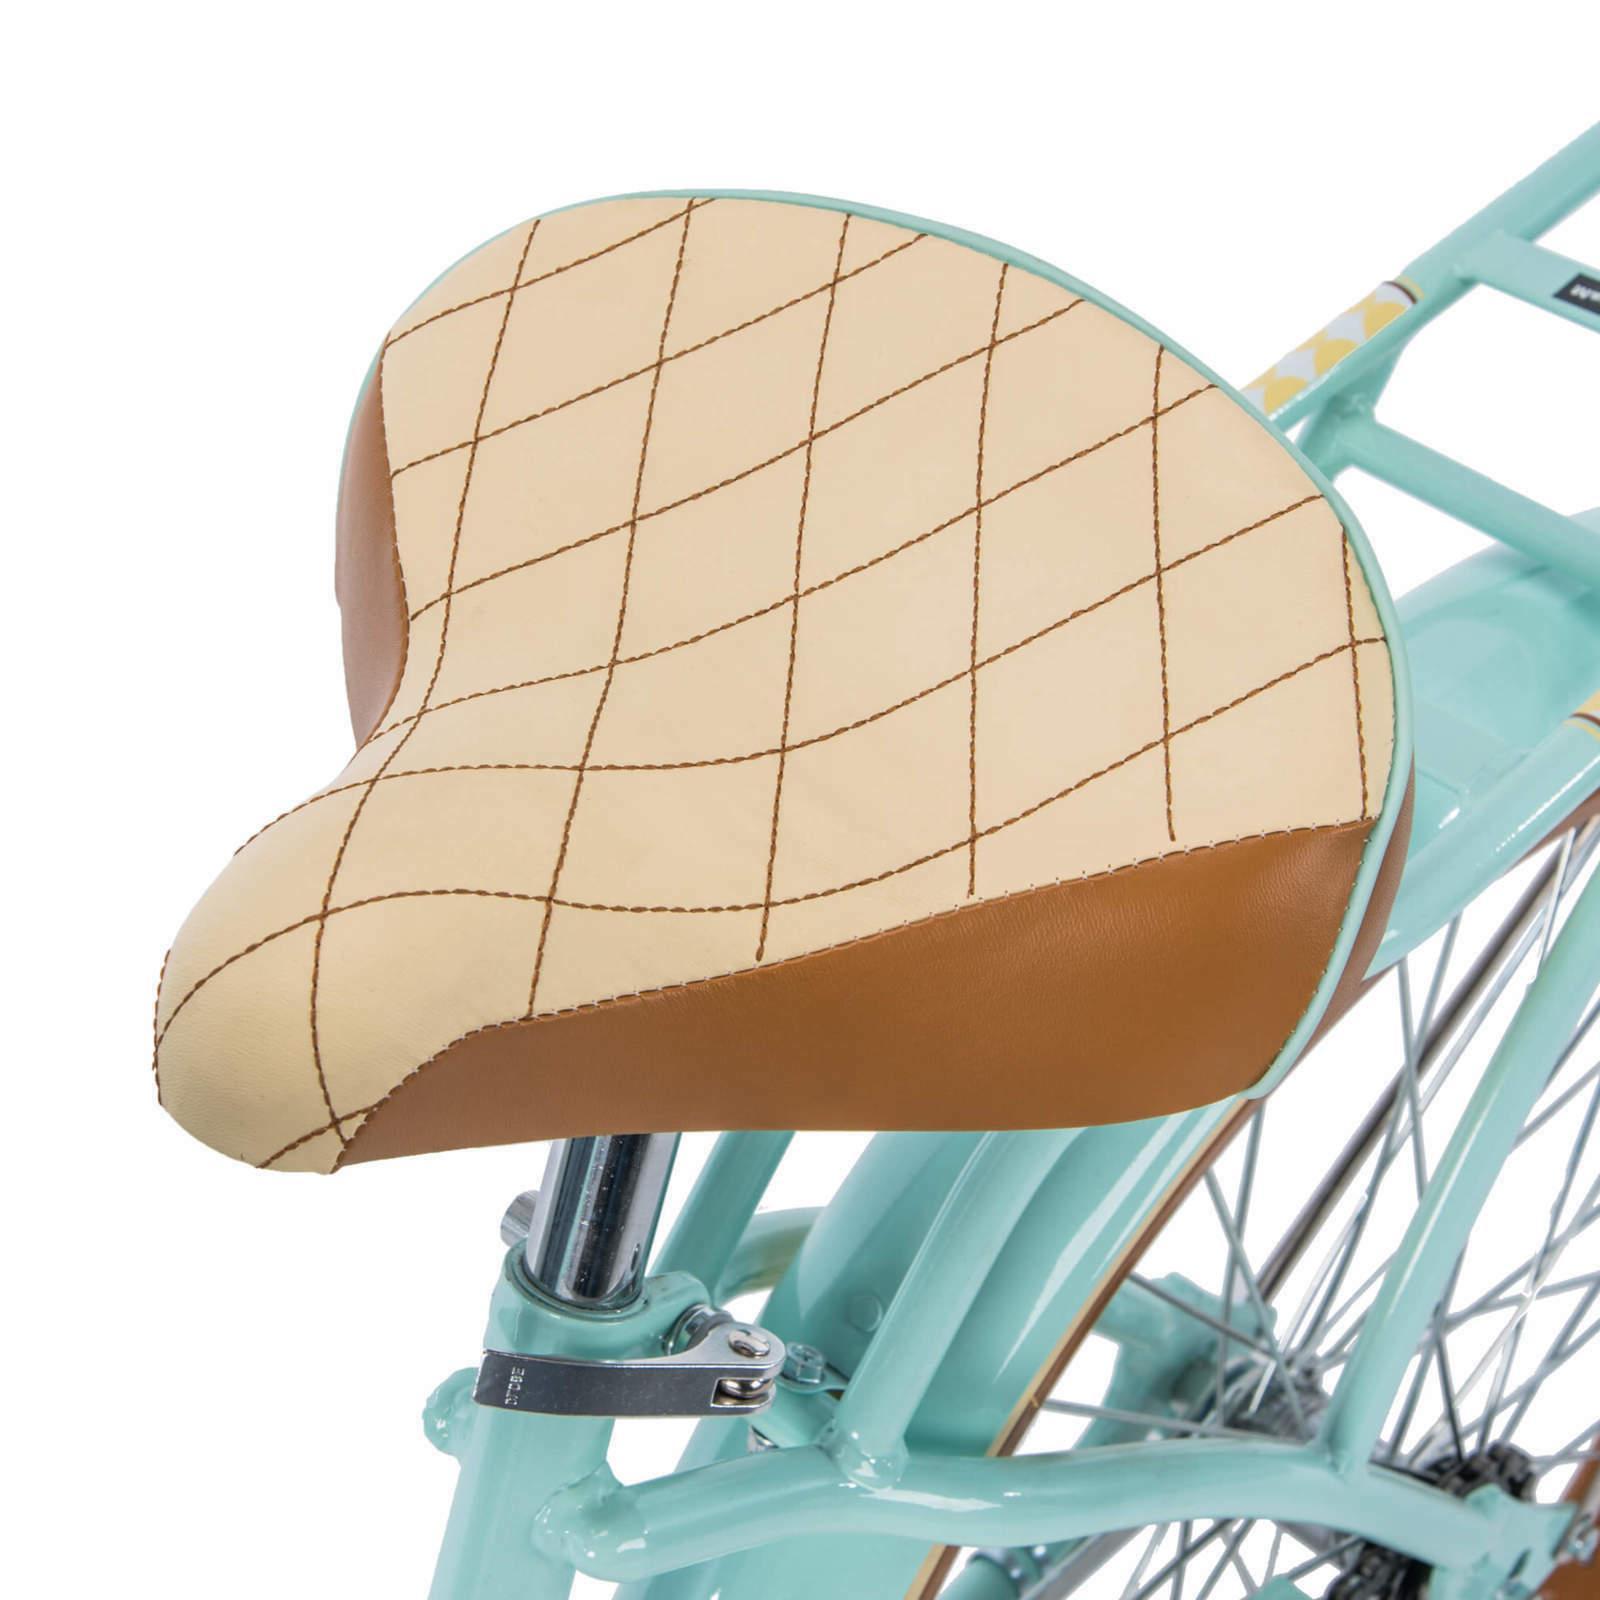 Huffy Cruiser Bike Mint